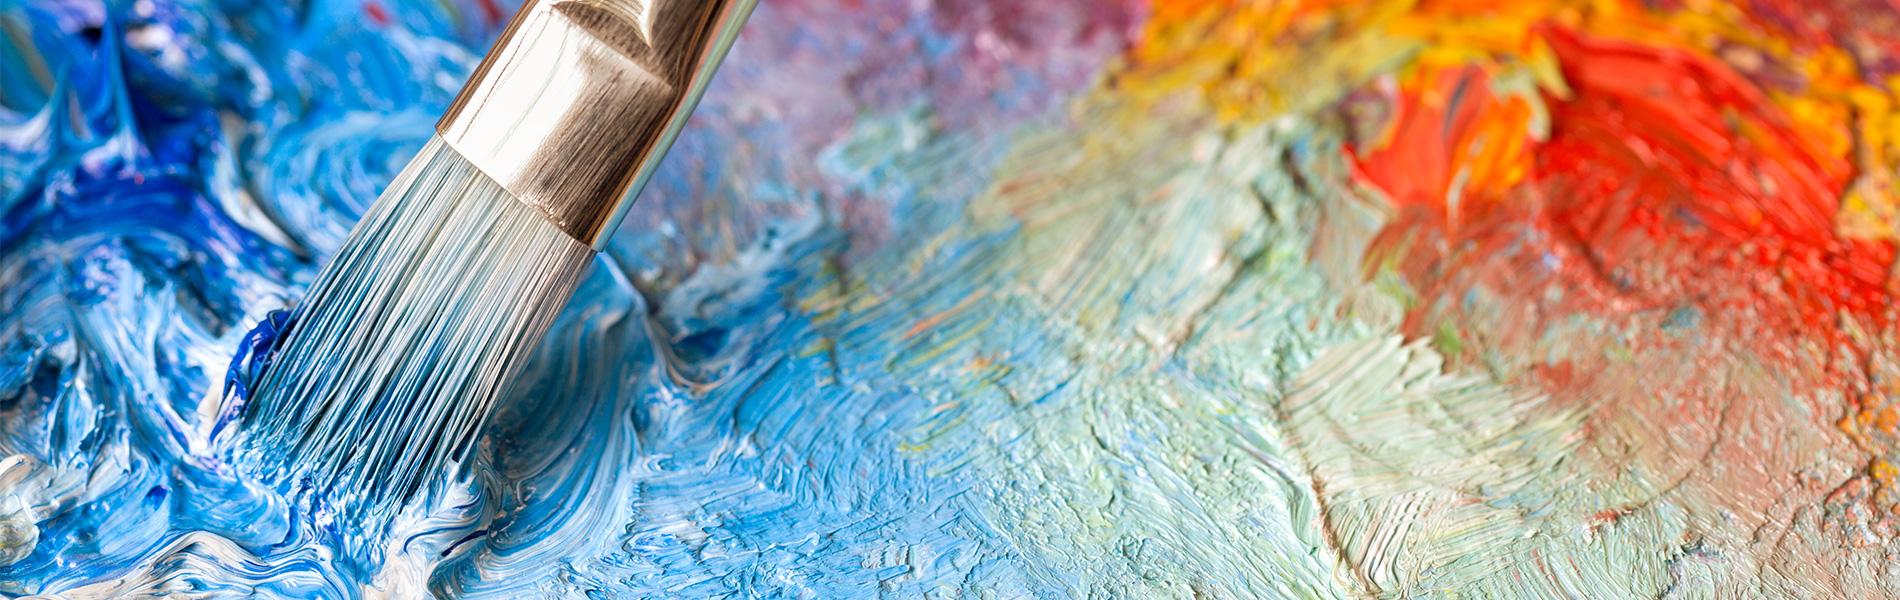 Healing Through Art Painting